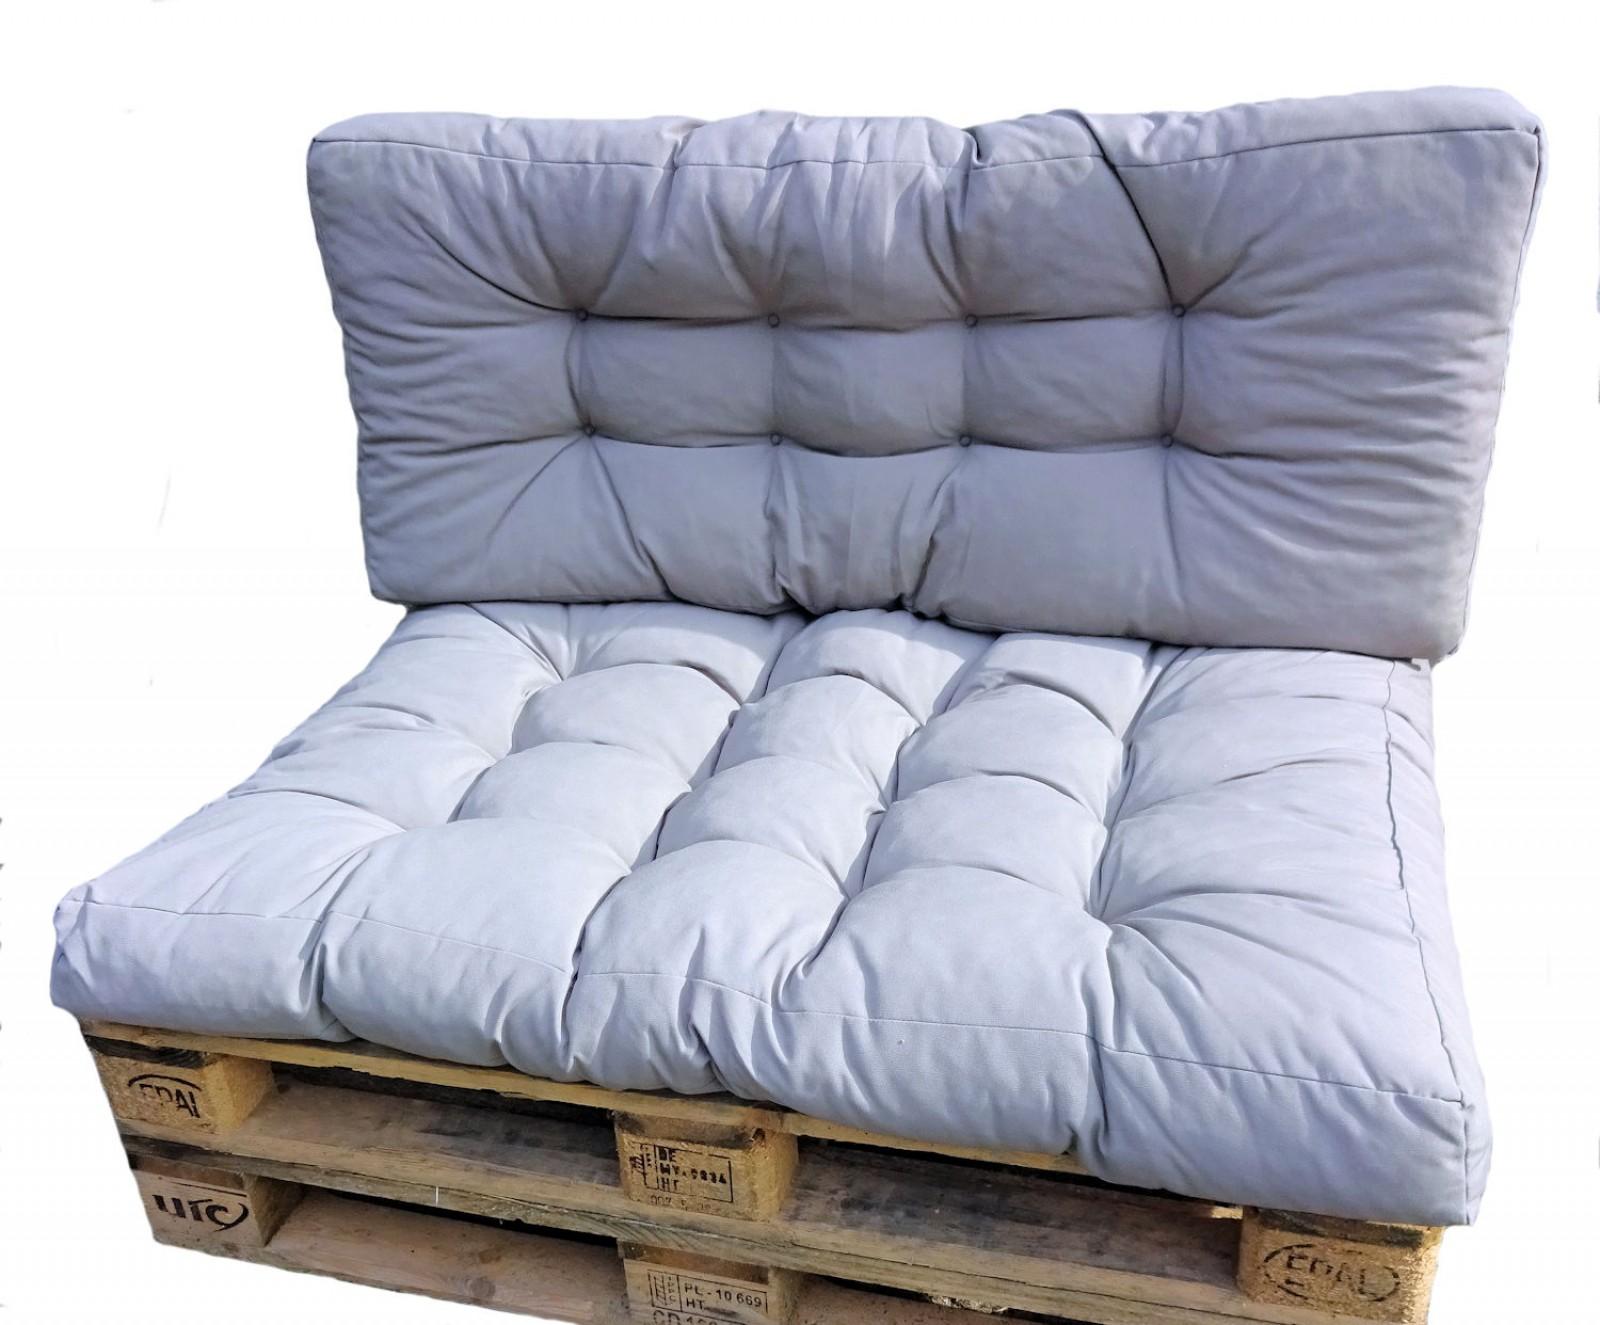 polster kissen f r europalette 120 x 80 cm sitzkissen r ckenkissen. Black Bedroom Furniture Sets. Home Design Ideas